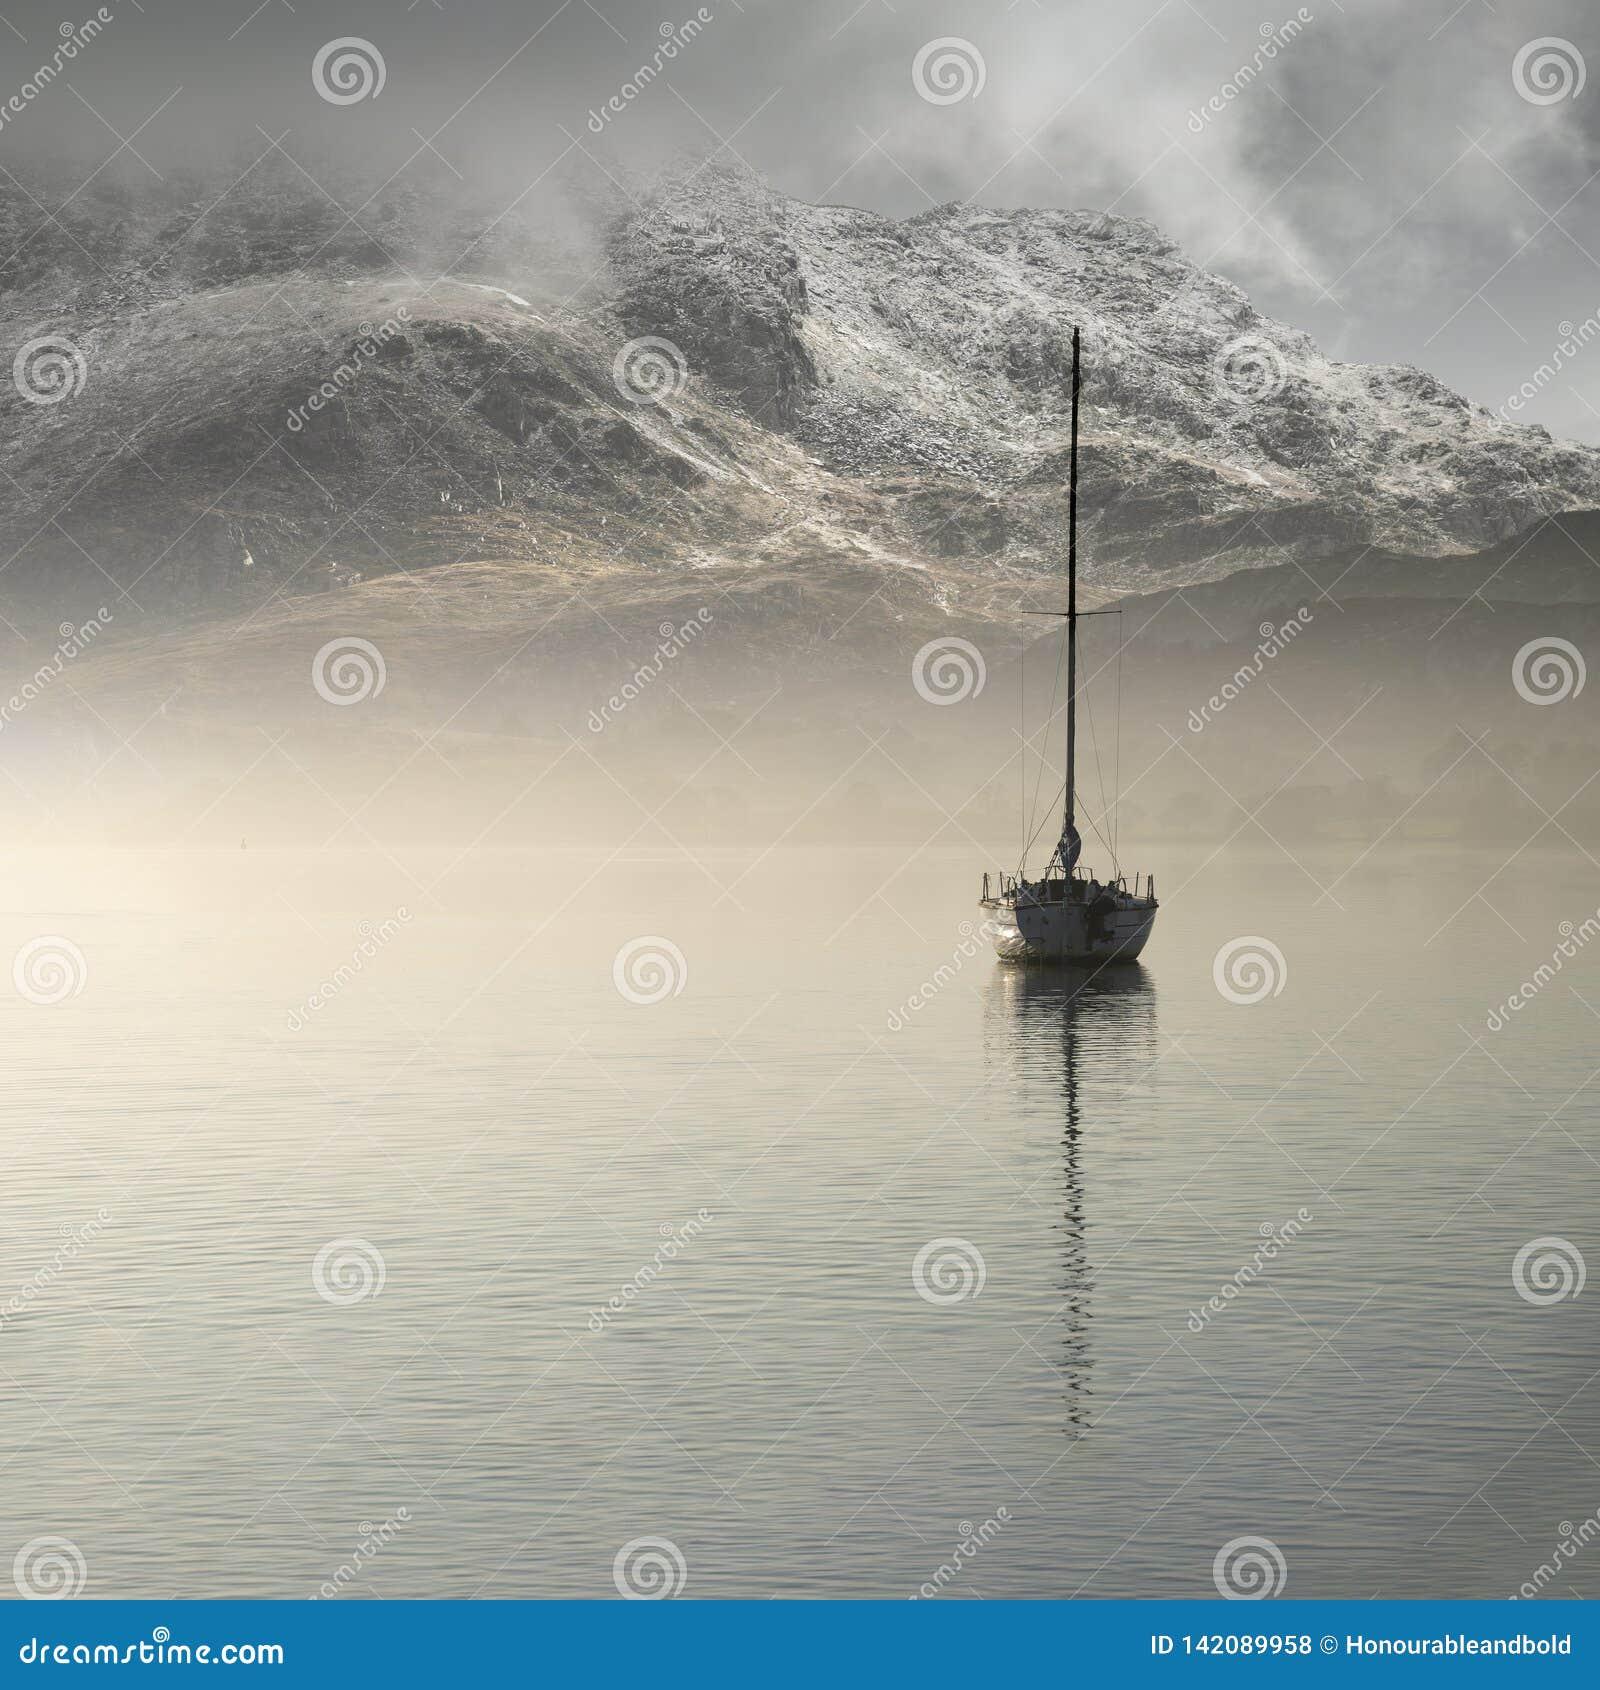 Betäubungslandschaftsbild der Segeljacht noch sitzend im ruhigen Seewasser mit dem Berg, der im Hintergrund während Autumn Falls